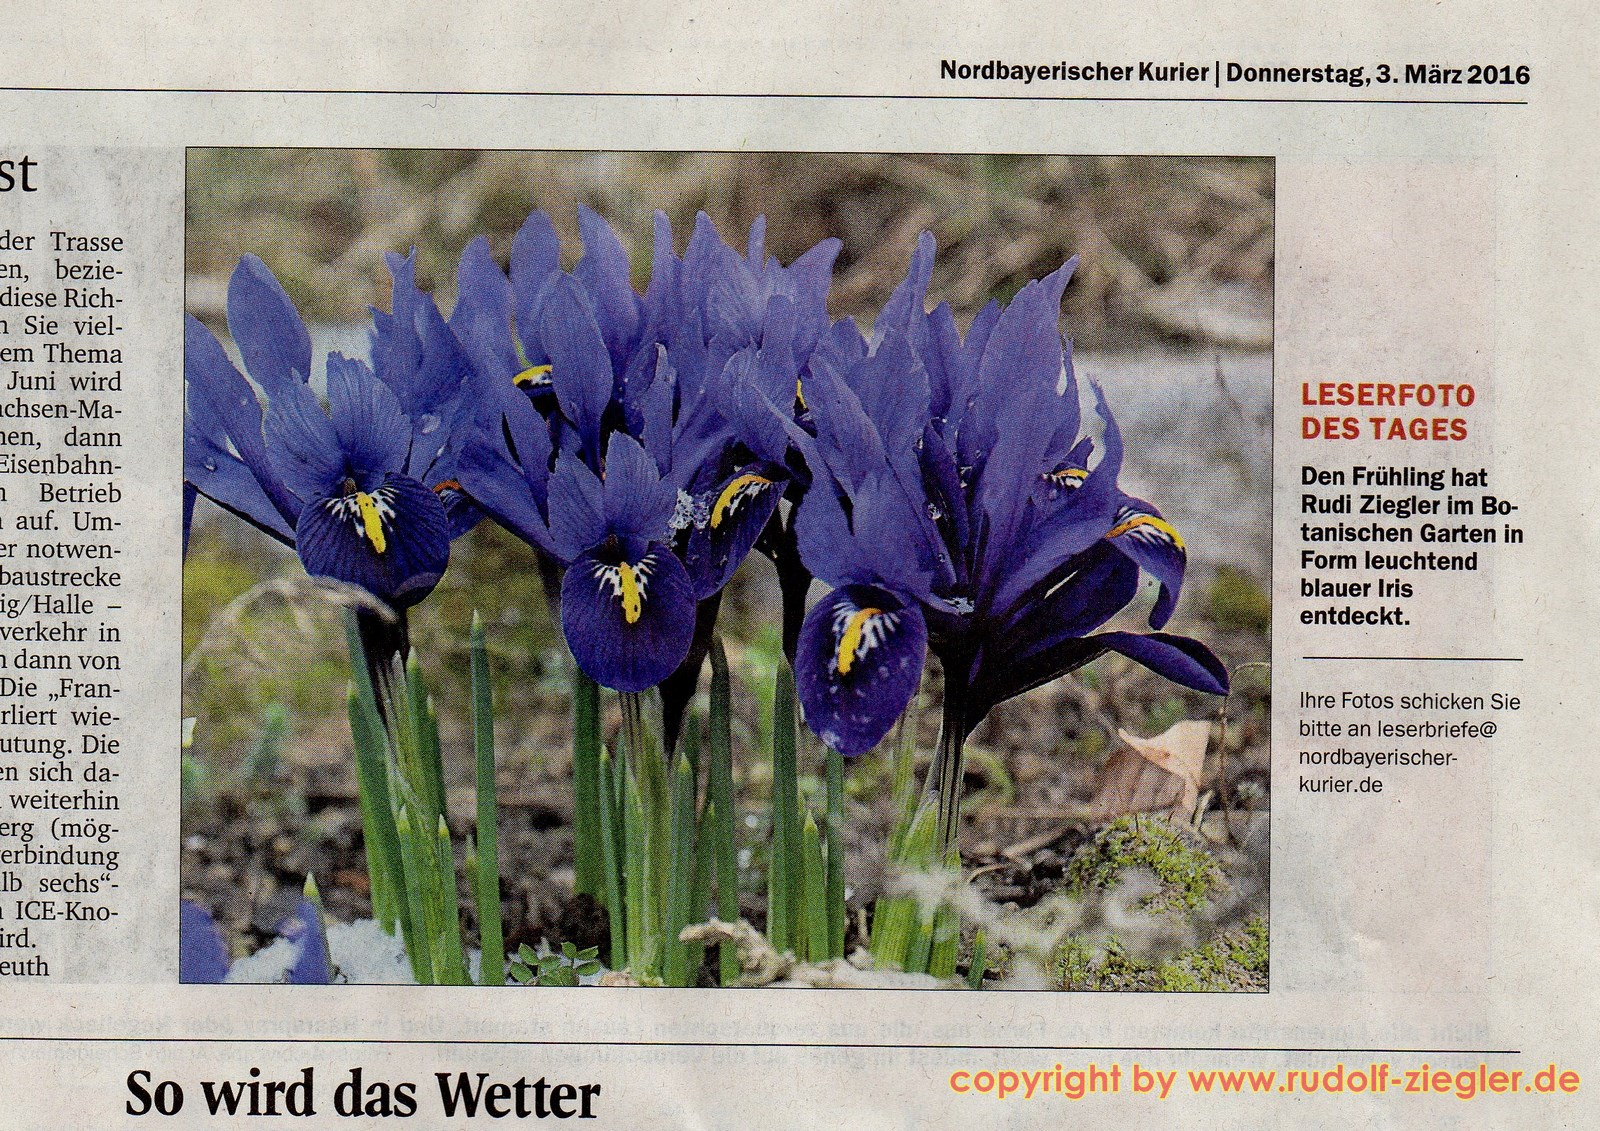 Nordbayerischer Kurier 2016-03-03-A (1600x1200)